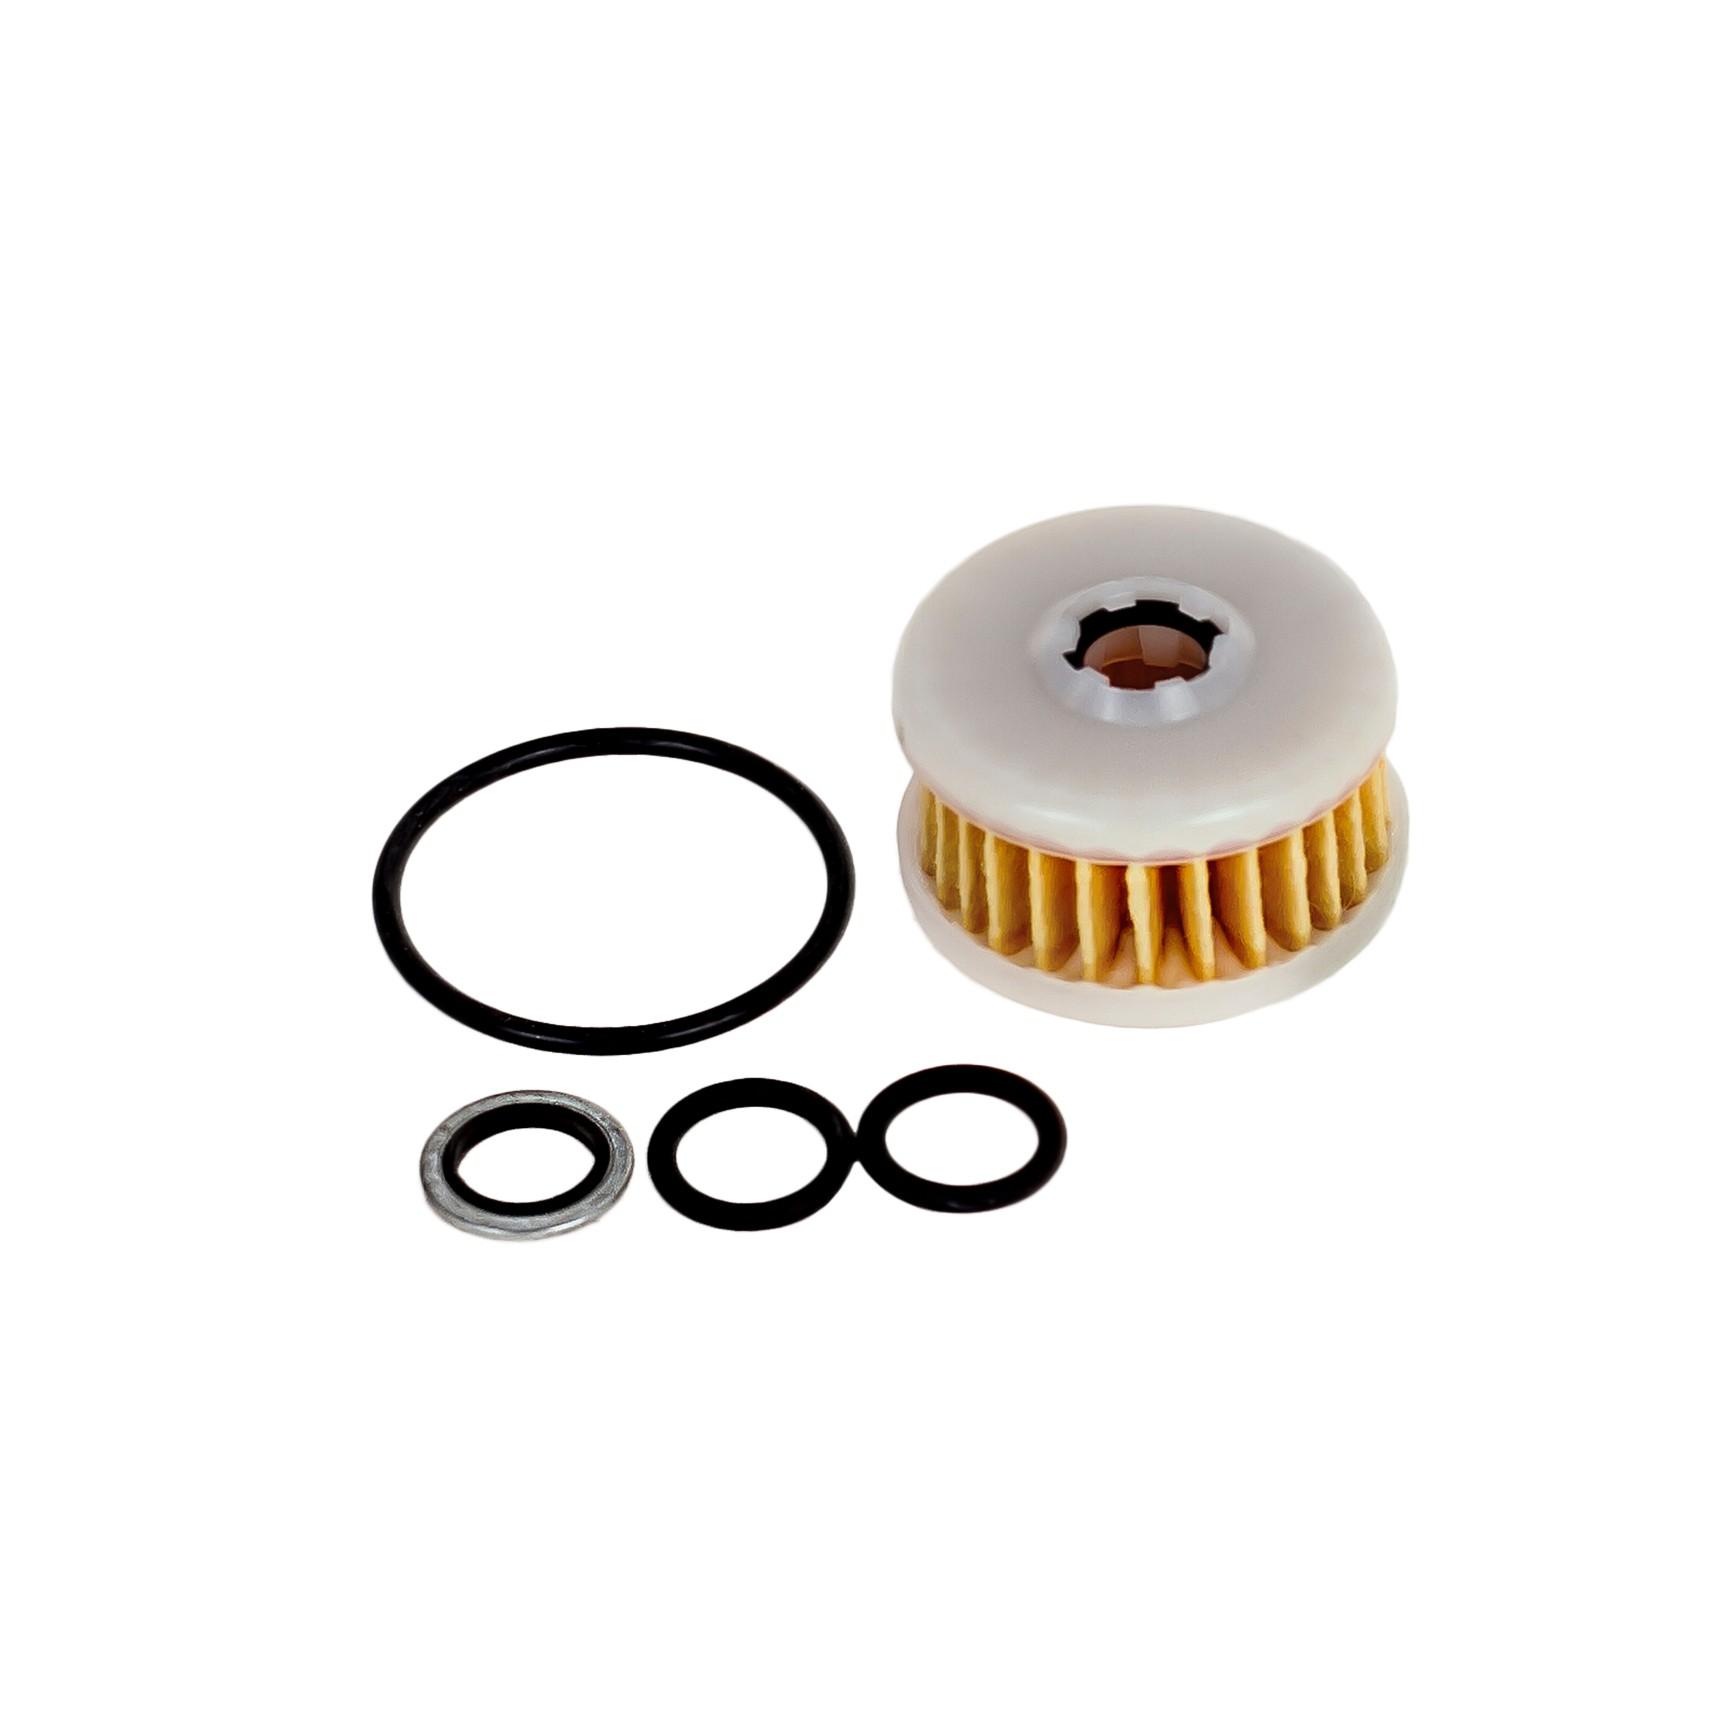 Accessories - DIGITRONIC PALLADIO solenoid valve repair kit